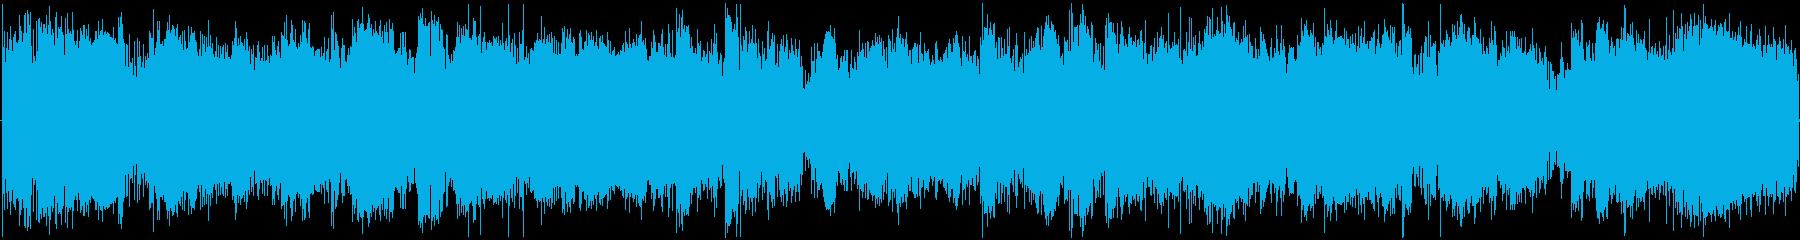 イメージ 極端な異常なクレイジー低02の再生済みの波形